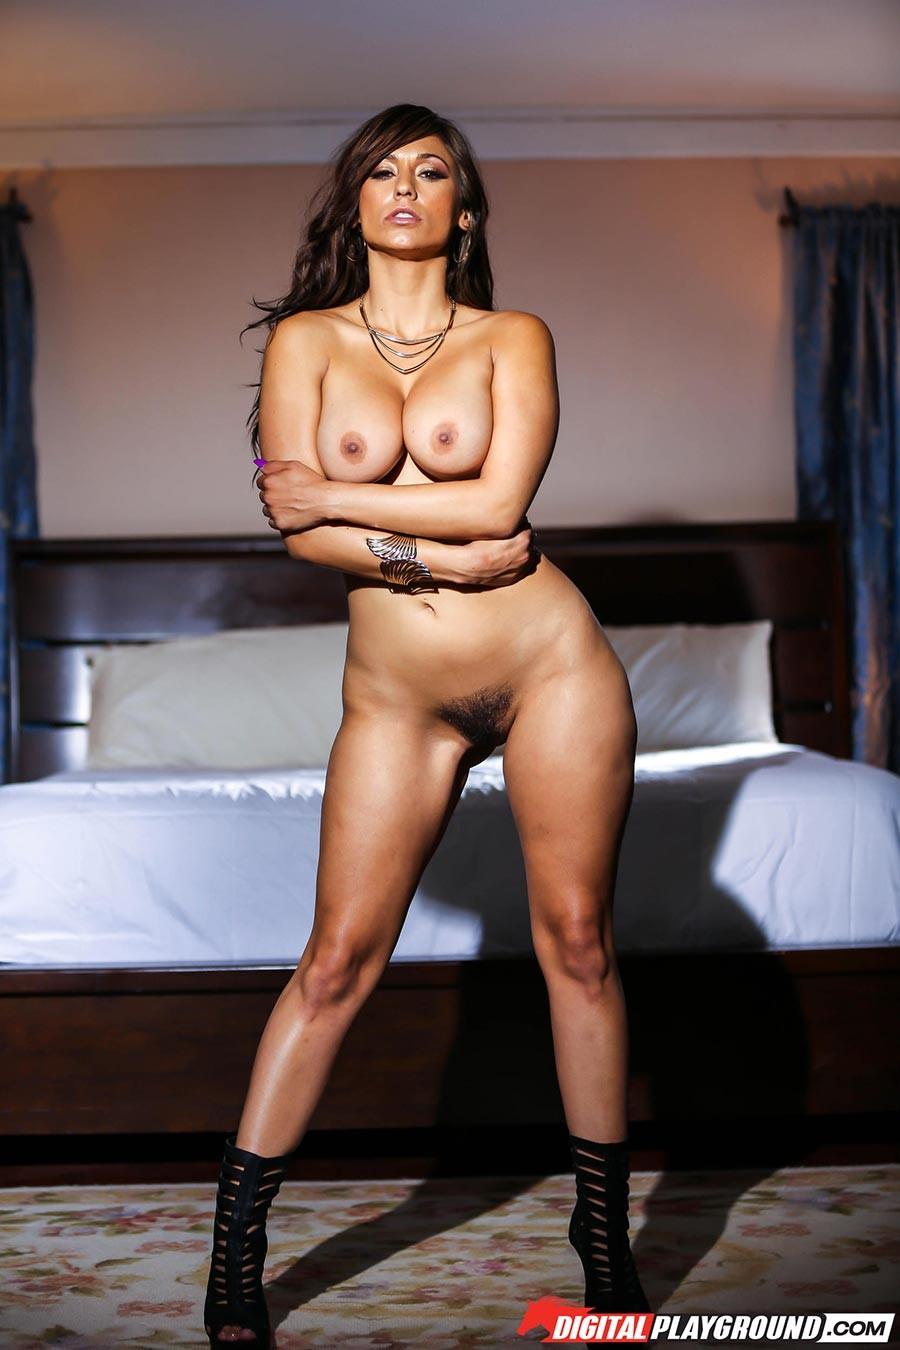 Рина Скай показывает свою шикарную, упругую грудь и раздвигает ножки, чтоб показать мохнатую киску